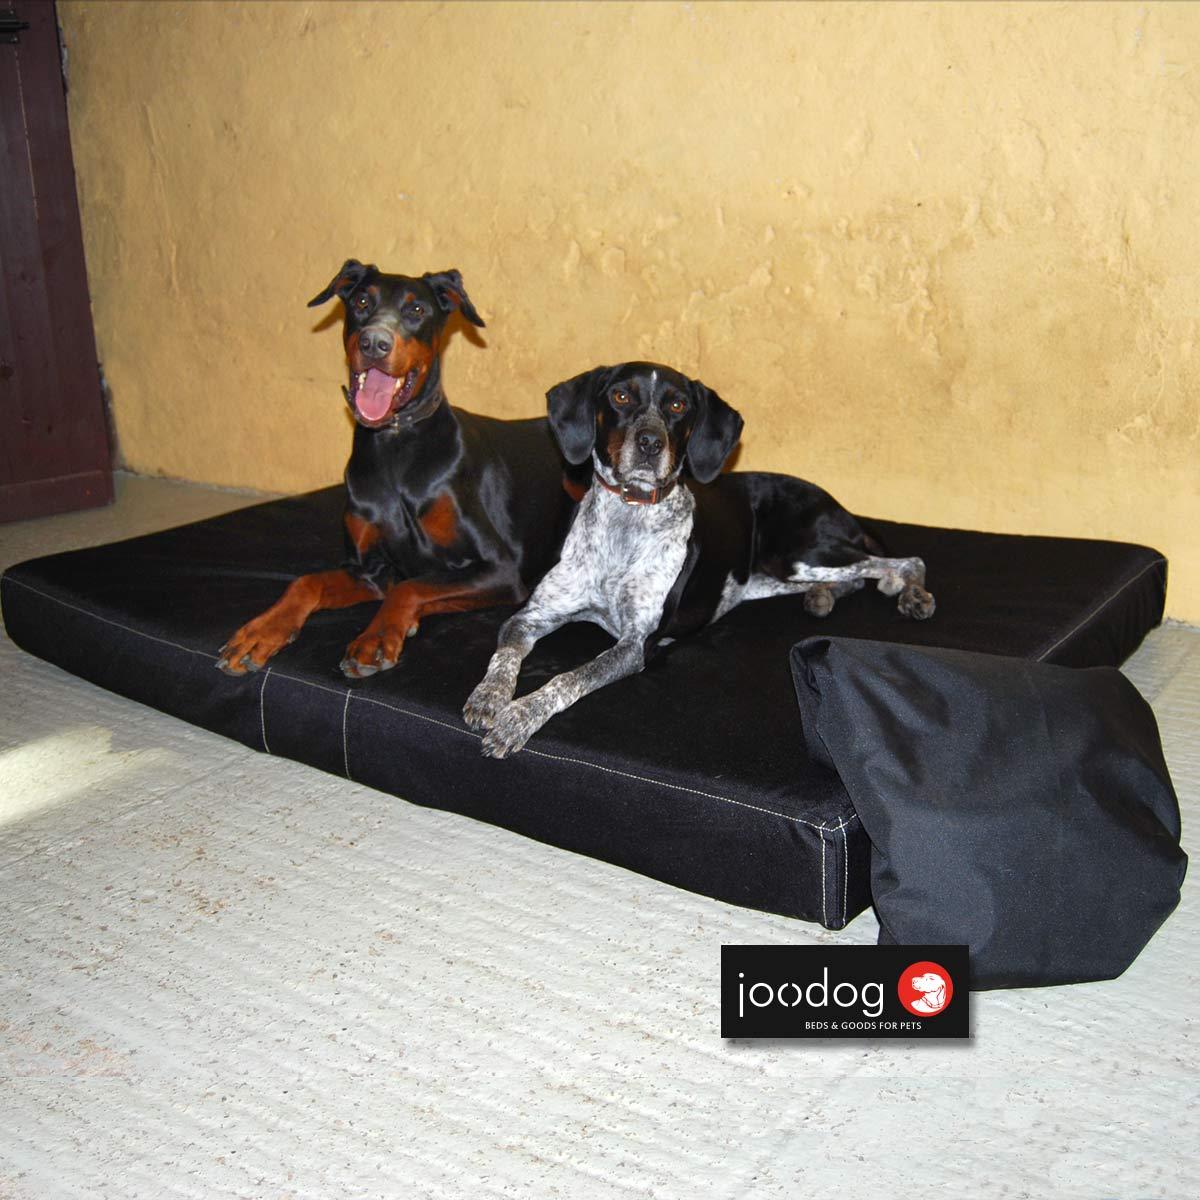 joodog Hundematten für Tierpensionen / Tierheime, robust, hygienisch, antihaar,Orthopädische Hundematte, Hundebetten Grosshandel, Wholesale.